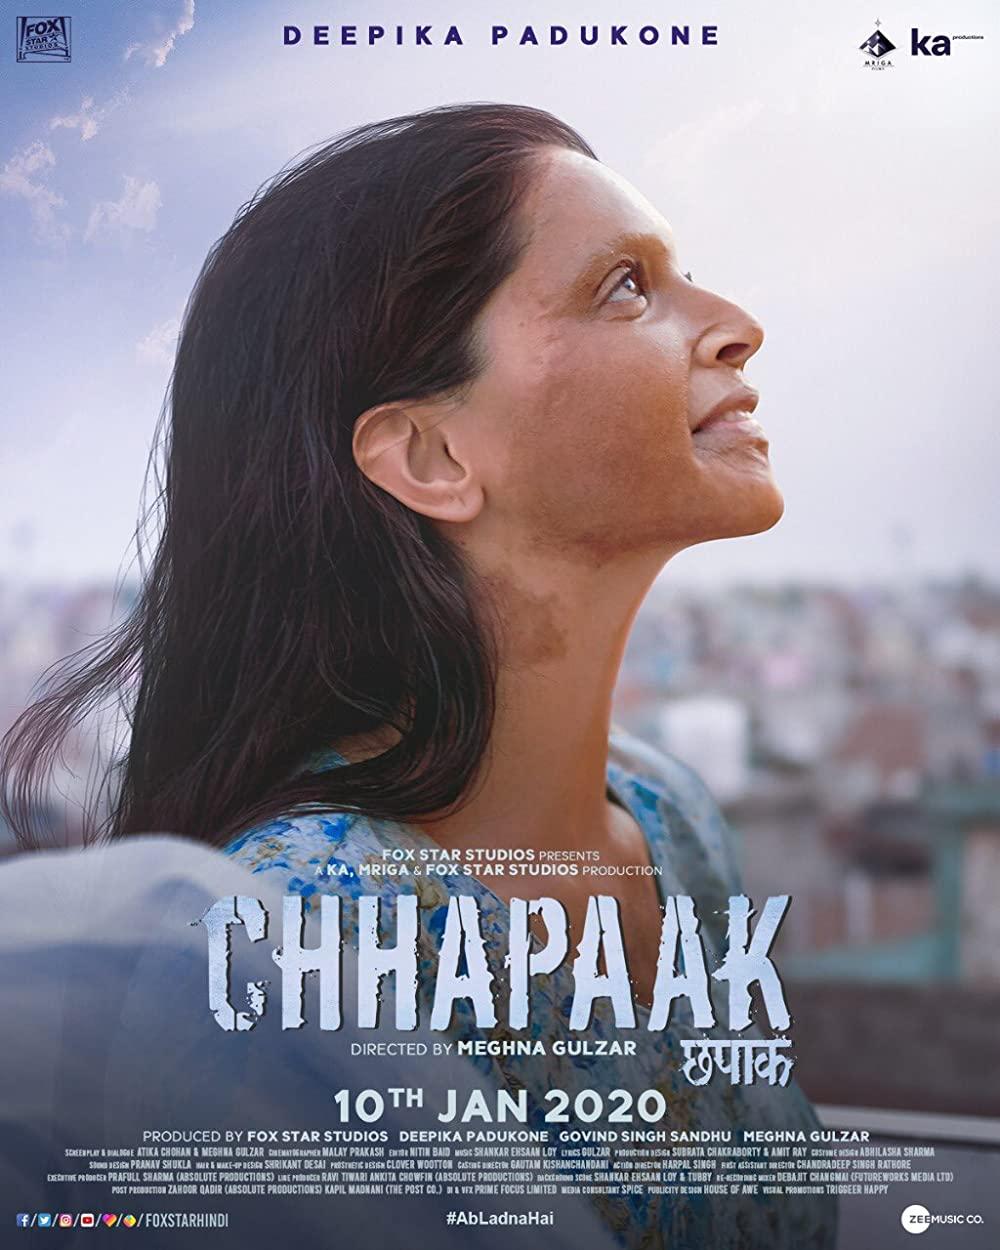 ดูหนัง Chhapaak (2020) ดูหนังออนไลน์ฟรี ดูหนังฟรี ดูหนังใหม่ชนโรง หนังใหม่ล่าสุด หนังแอคชั่น หนังผจญภัย หนังแอนนิเมชั่น หนัง HD ได้ที่ movie24x.com